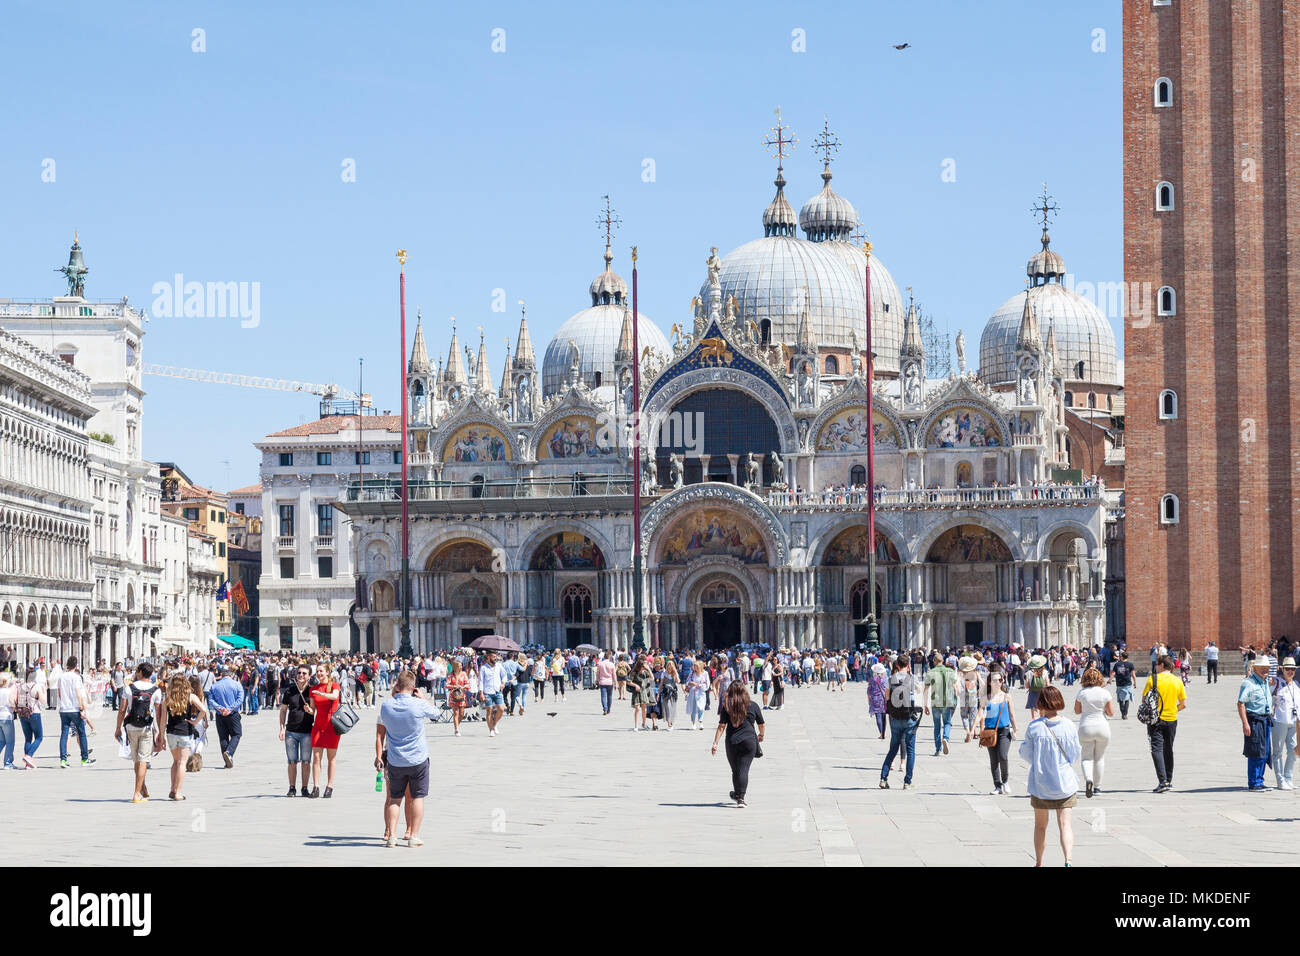 Touristen vor der St. Marks Kathedrale (Basilika San Marco), Piazza San Marco, Venedig, Venetien, Italien, um an einem sonnigen Frühlingstag Stockbild